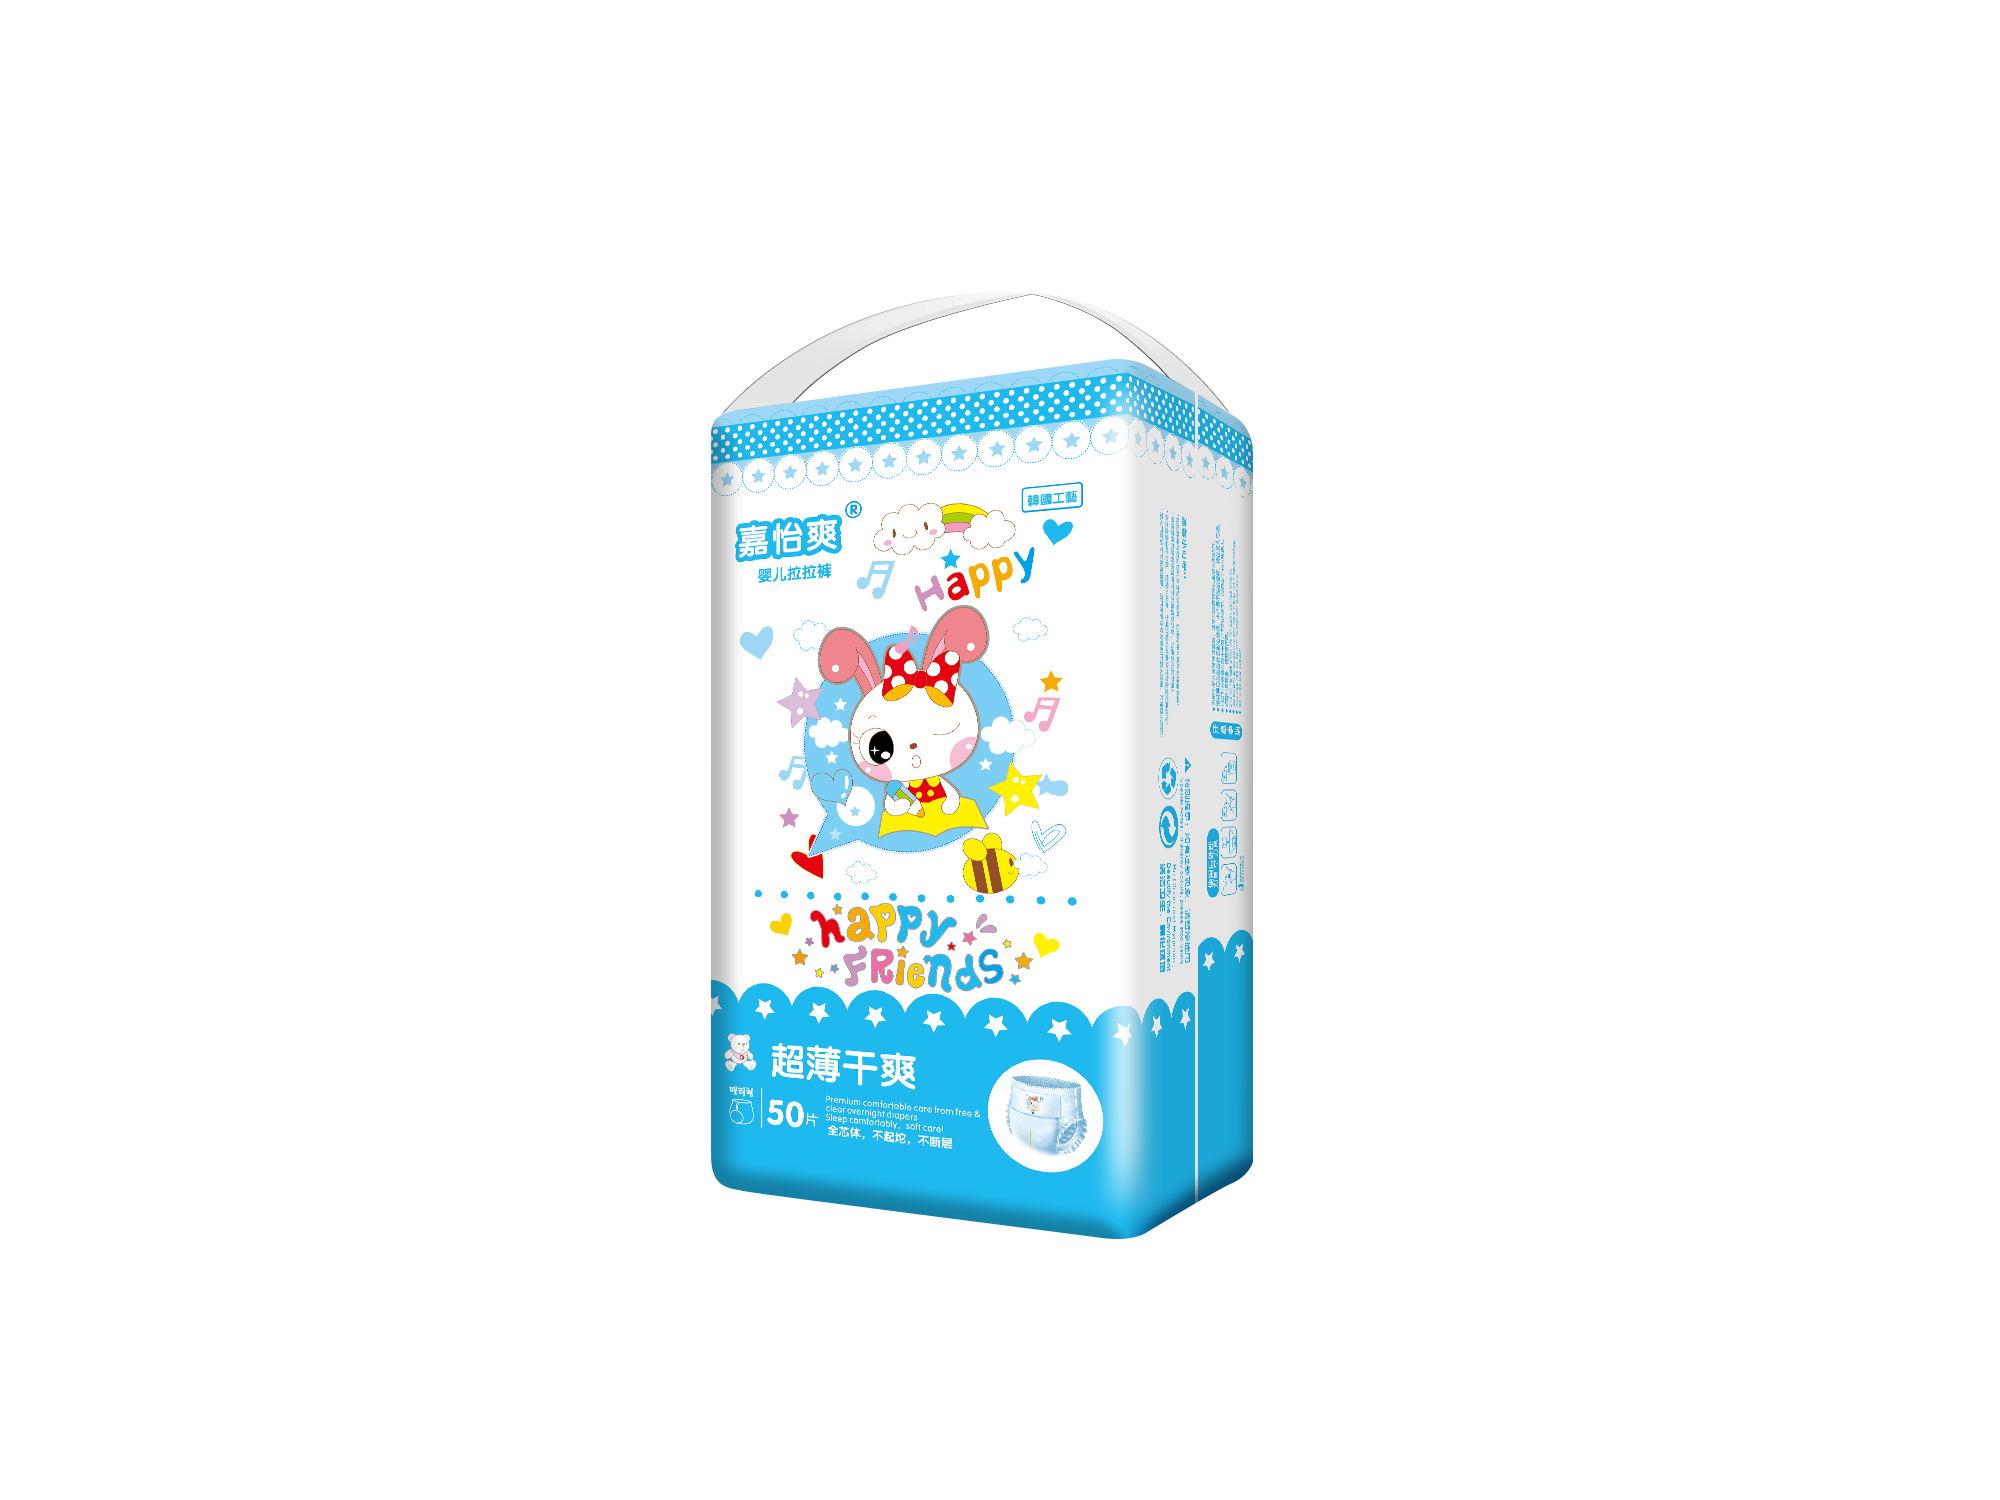 嘉怡爽纸尿裤代理加盟_买高品质纸尿裤当然到千百度卫生用品